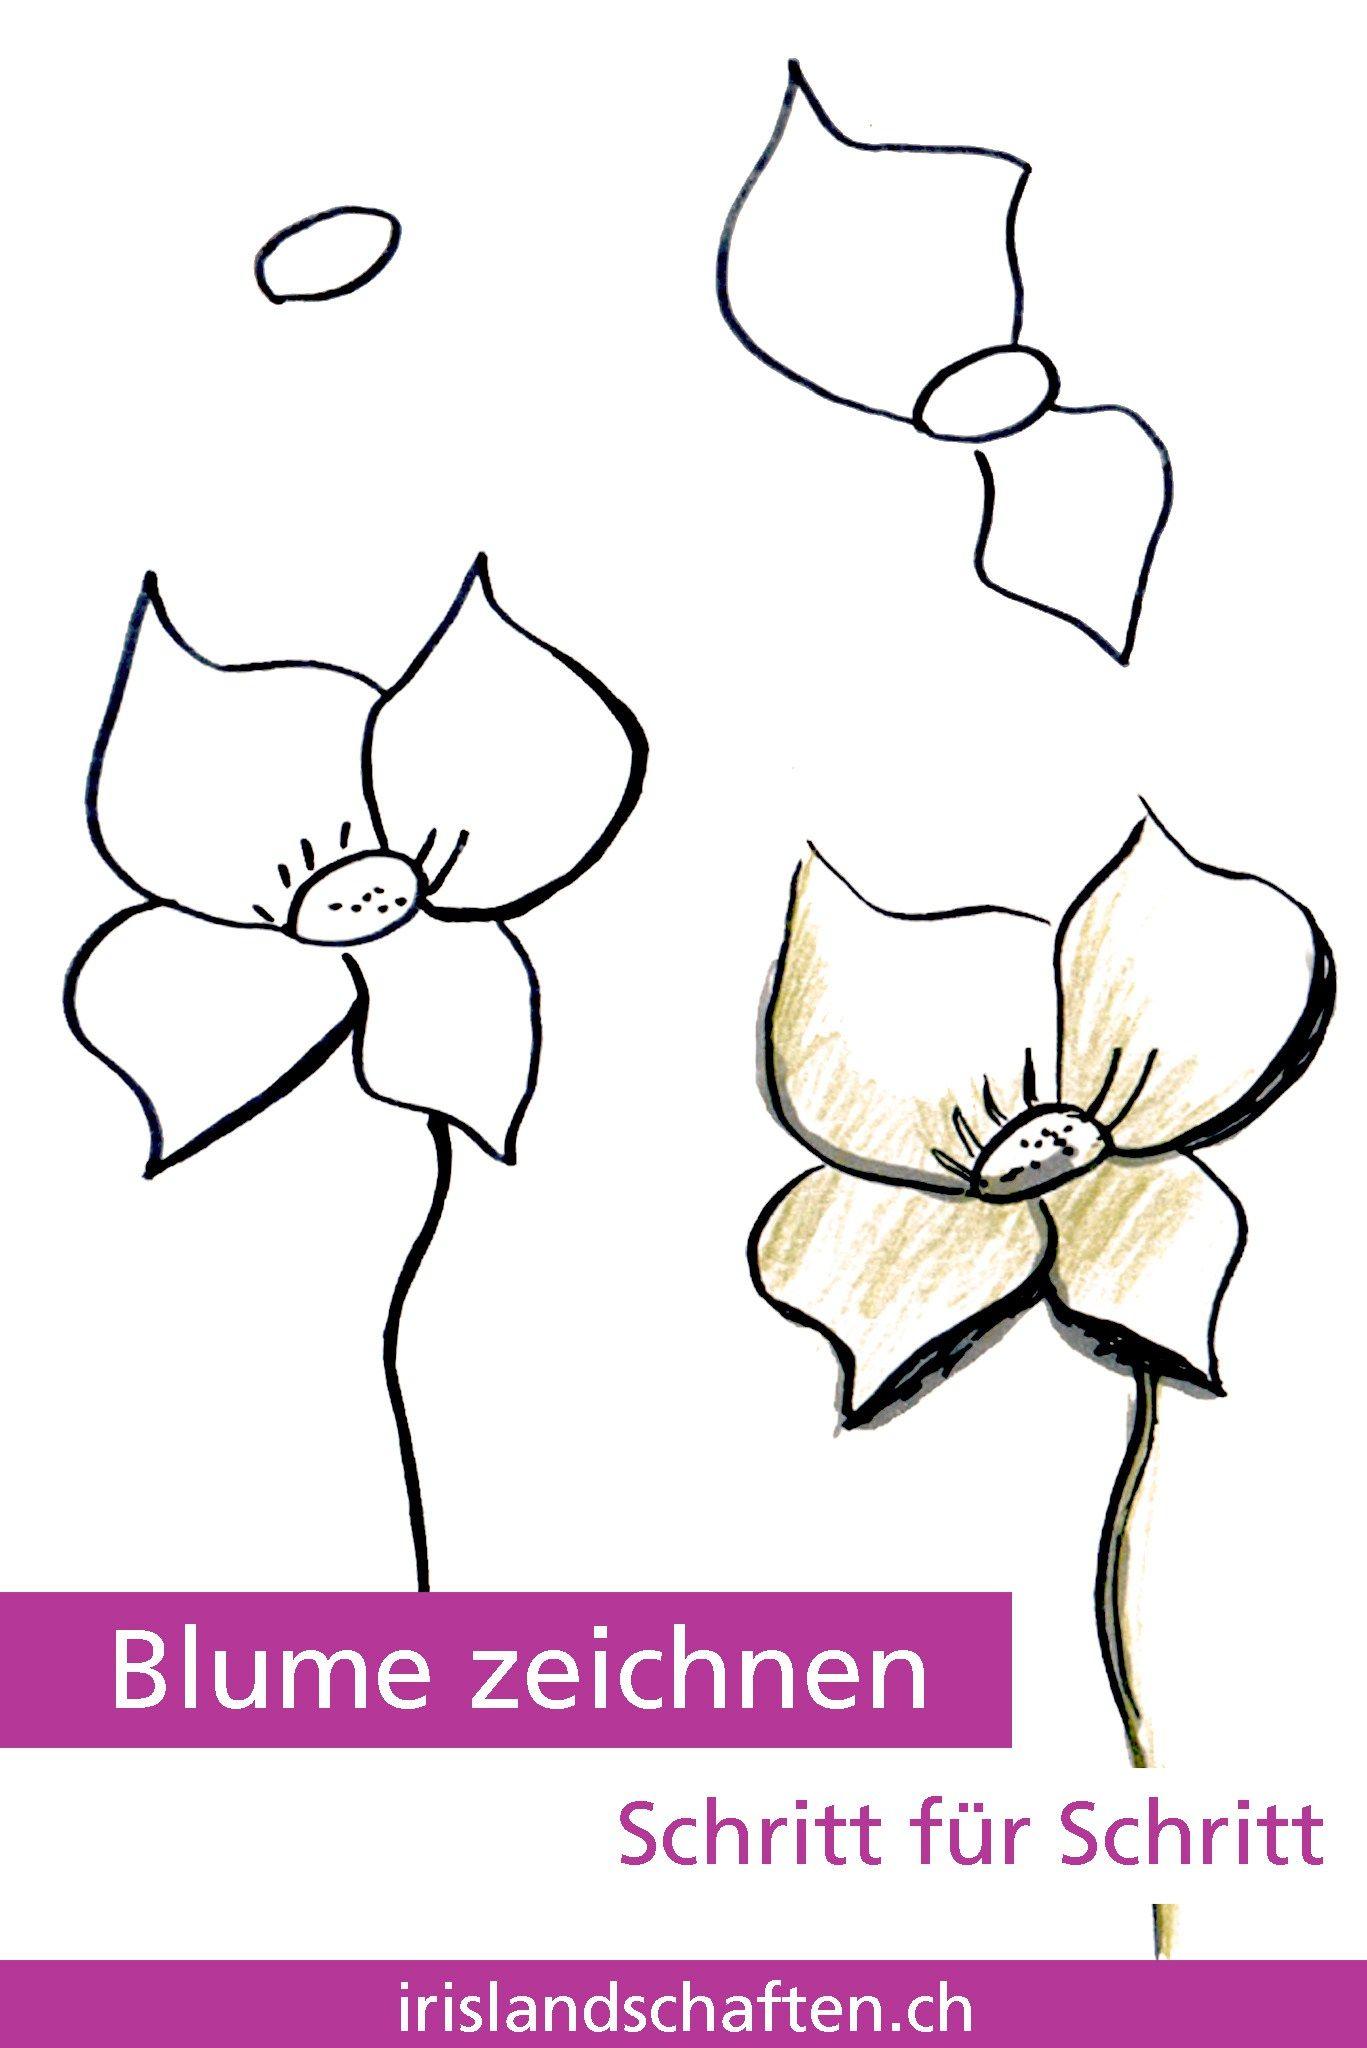 Pflanzen Zeichnen Schritt Fur Schritt Blumen Zeichnen Schritt Fur